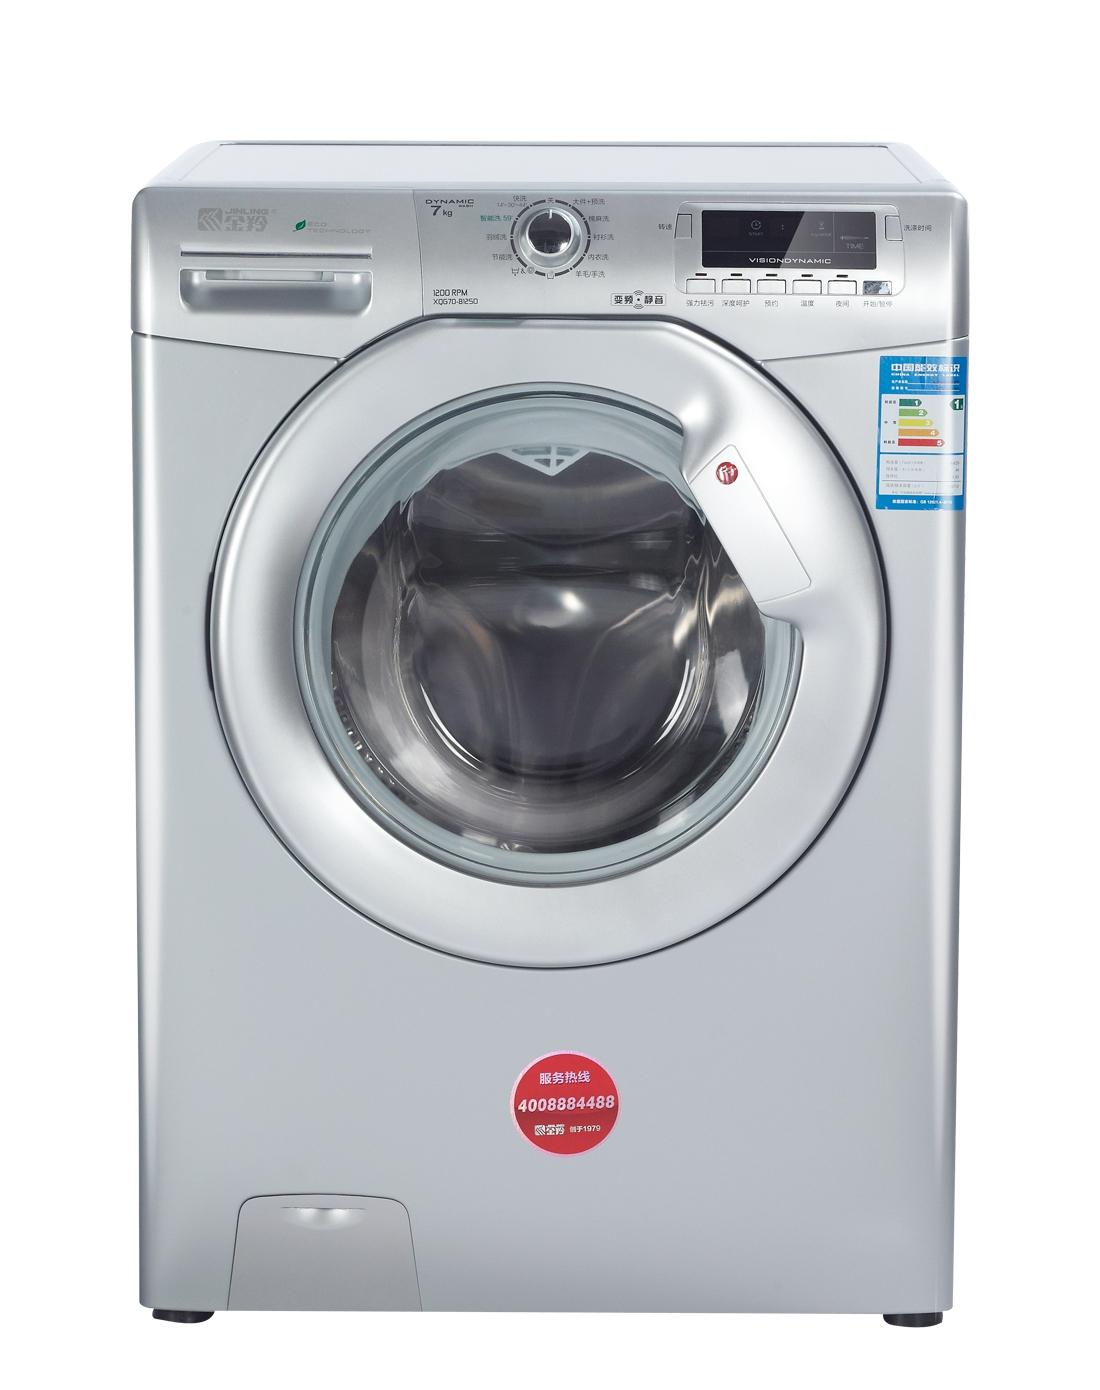 金羚&卡迪洗衣机专场金羚7kg银色bldc变频滚筒洗衣机